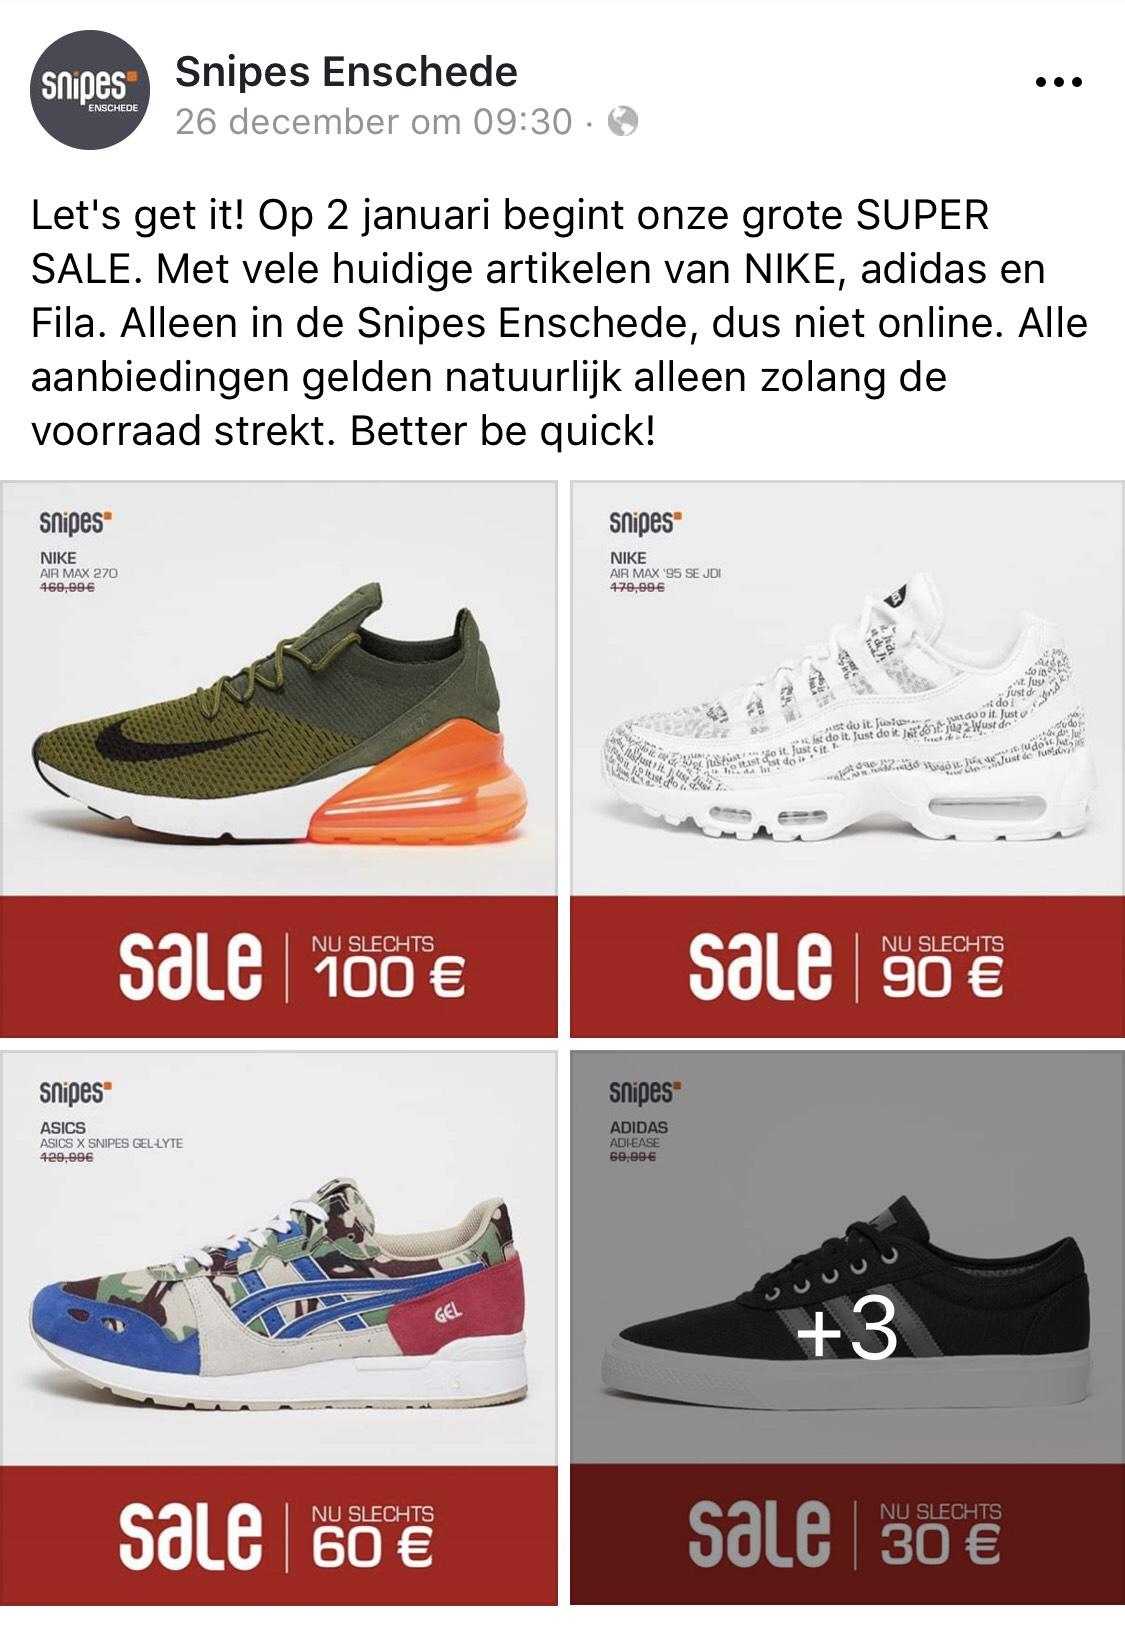 [lokale deal] super sale bij Snipes Enschede (v.a. 2 jan)